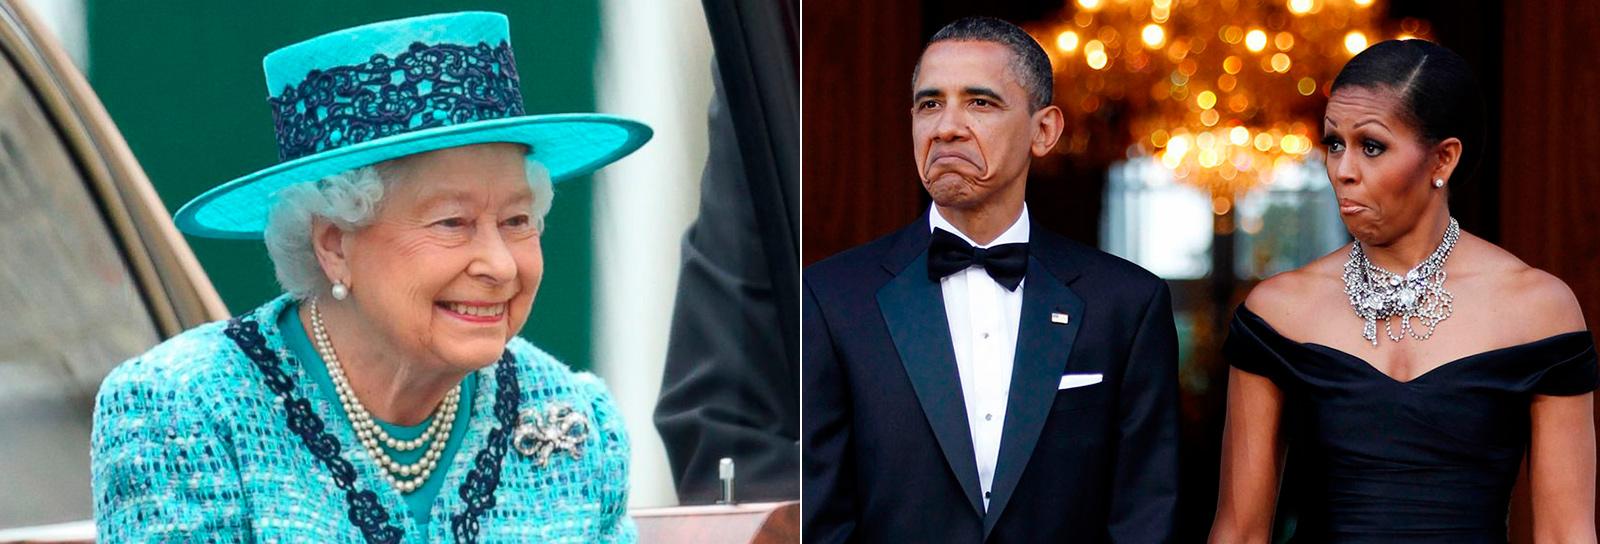 Se joga: a família Obama e a Rainha Elizabeth II estão procurando gestores de redes sociais